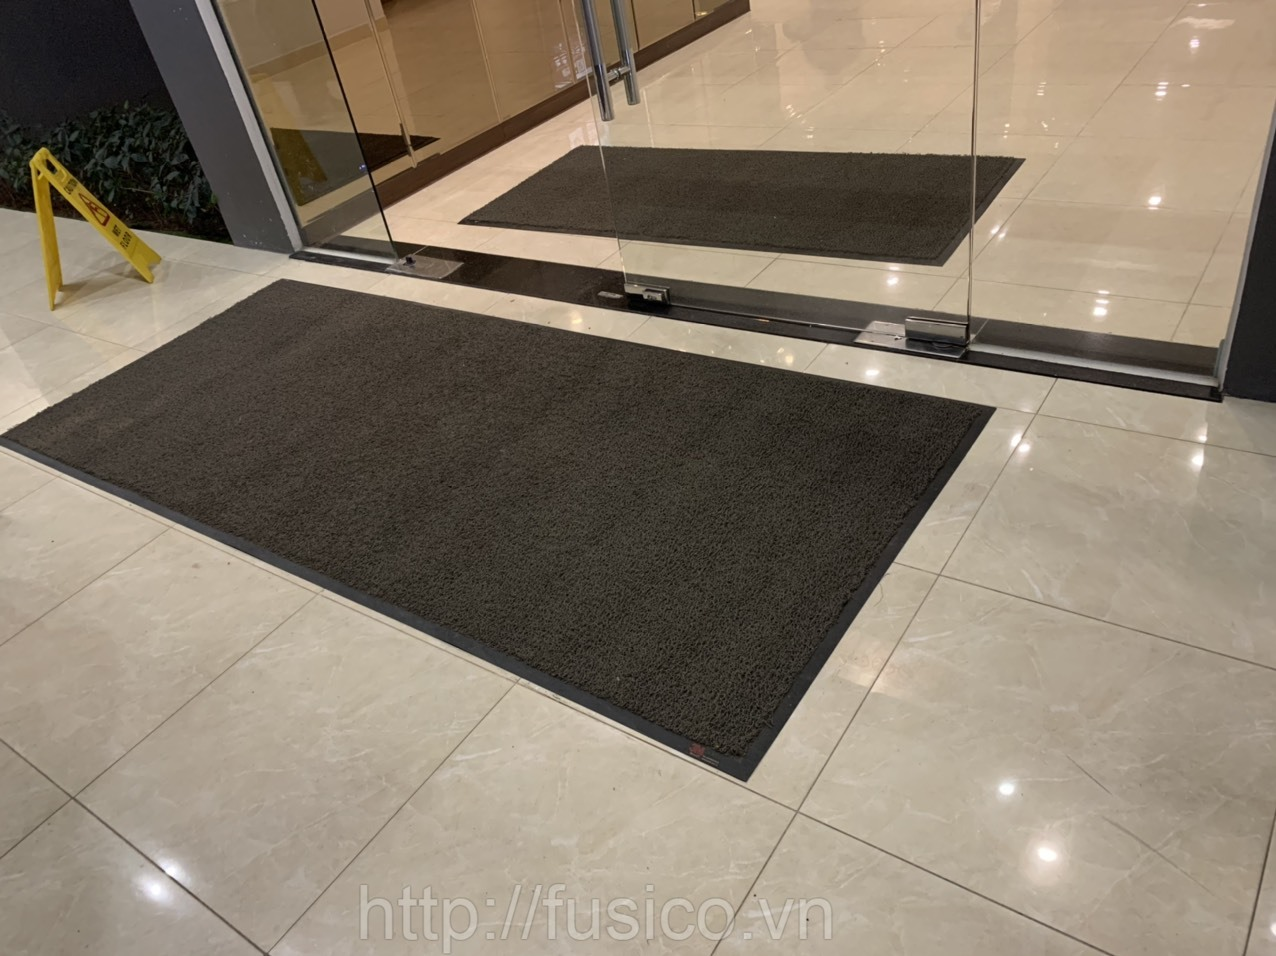 Nên chọn kích thước thảm chùi chân 3M 6850 như thế nào